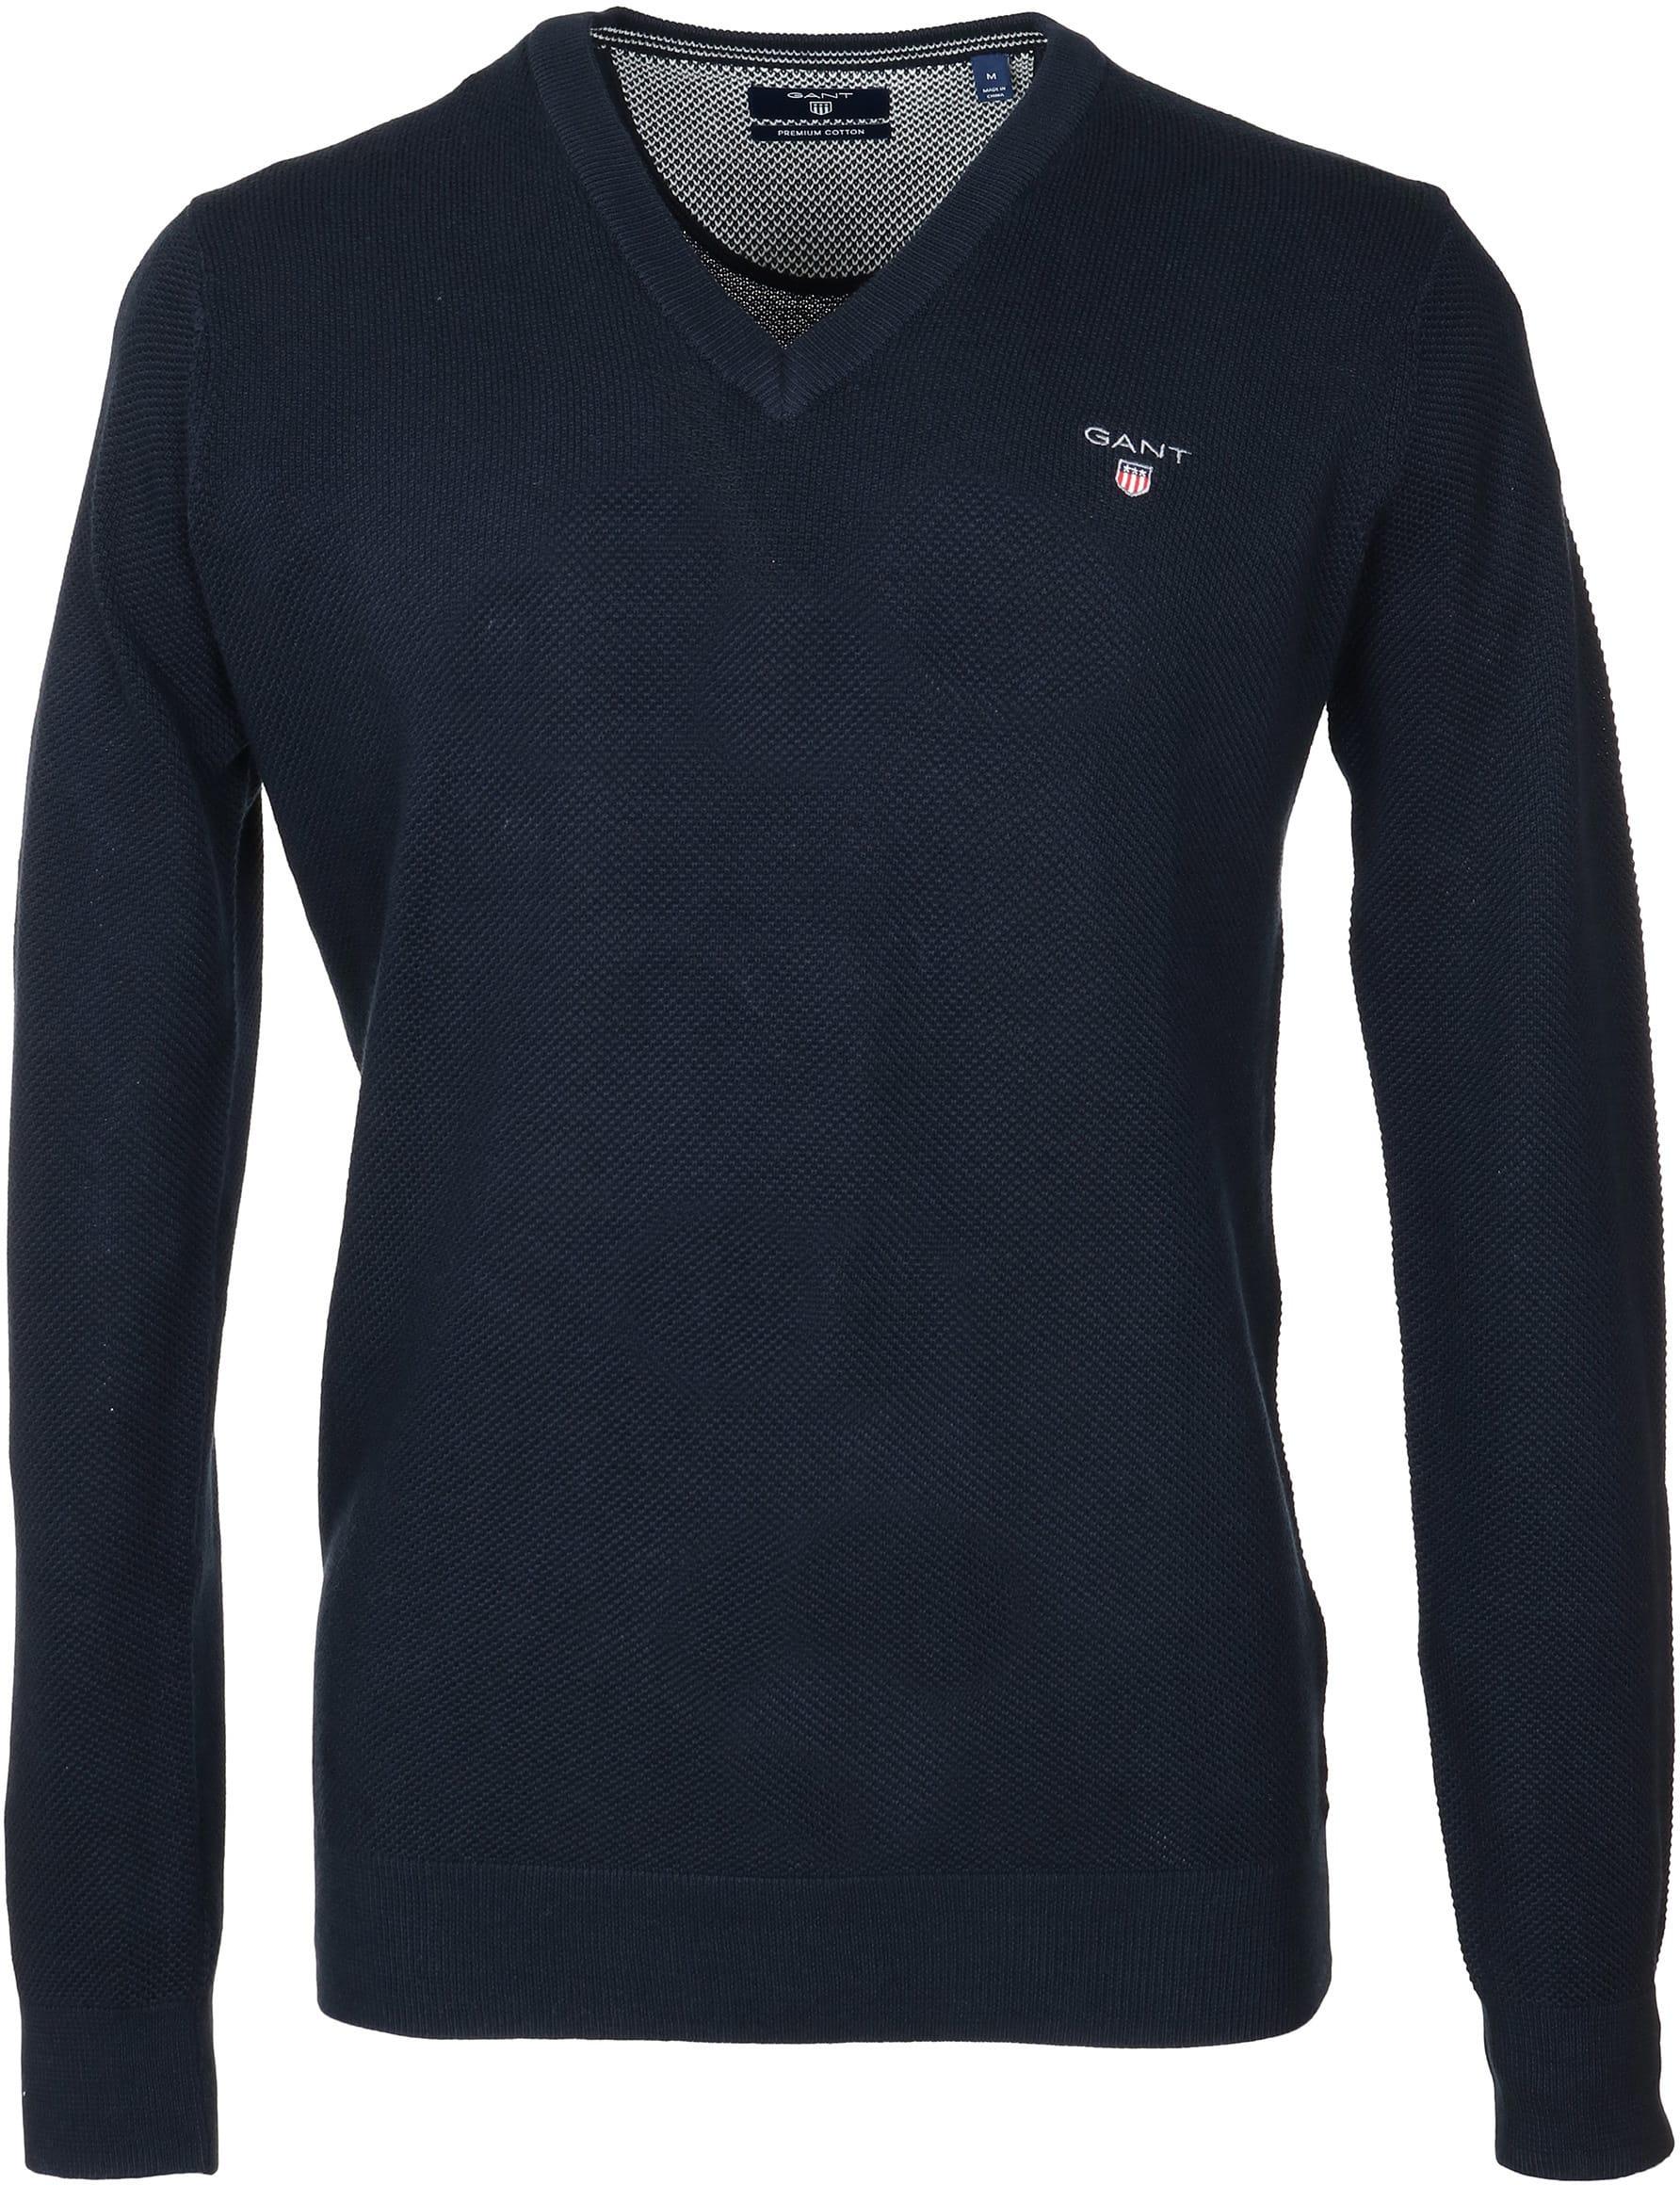 Gant Pullover V-Hals Navy foto 0